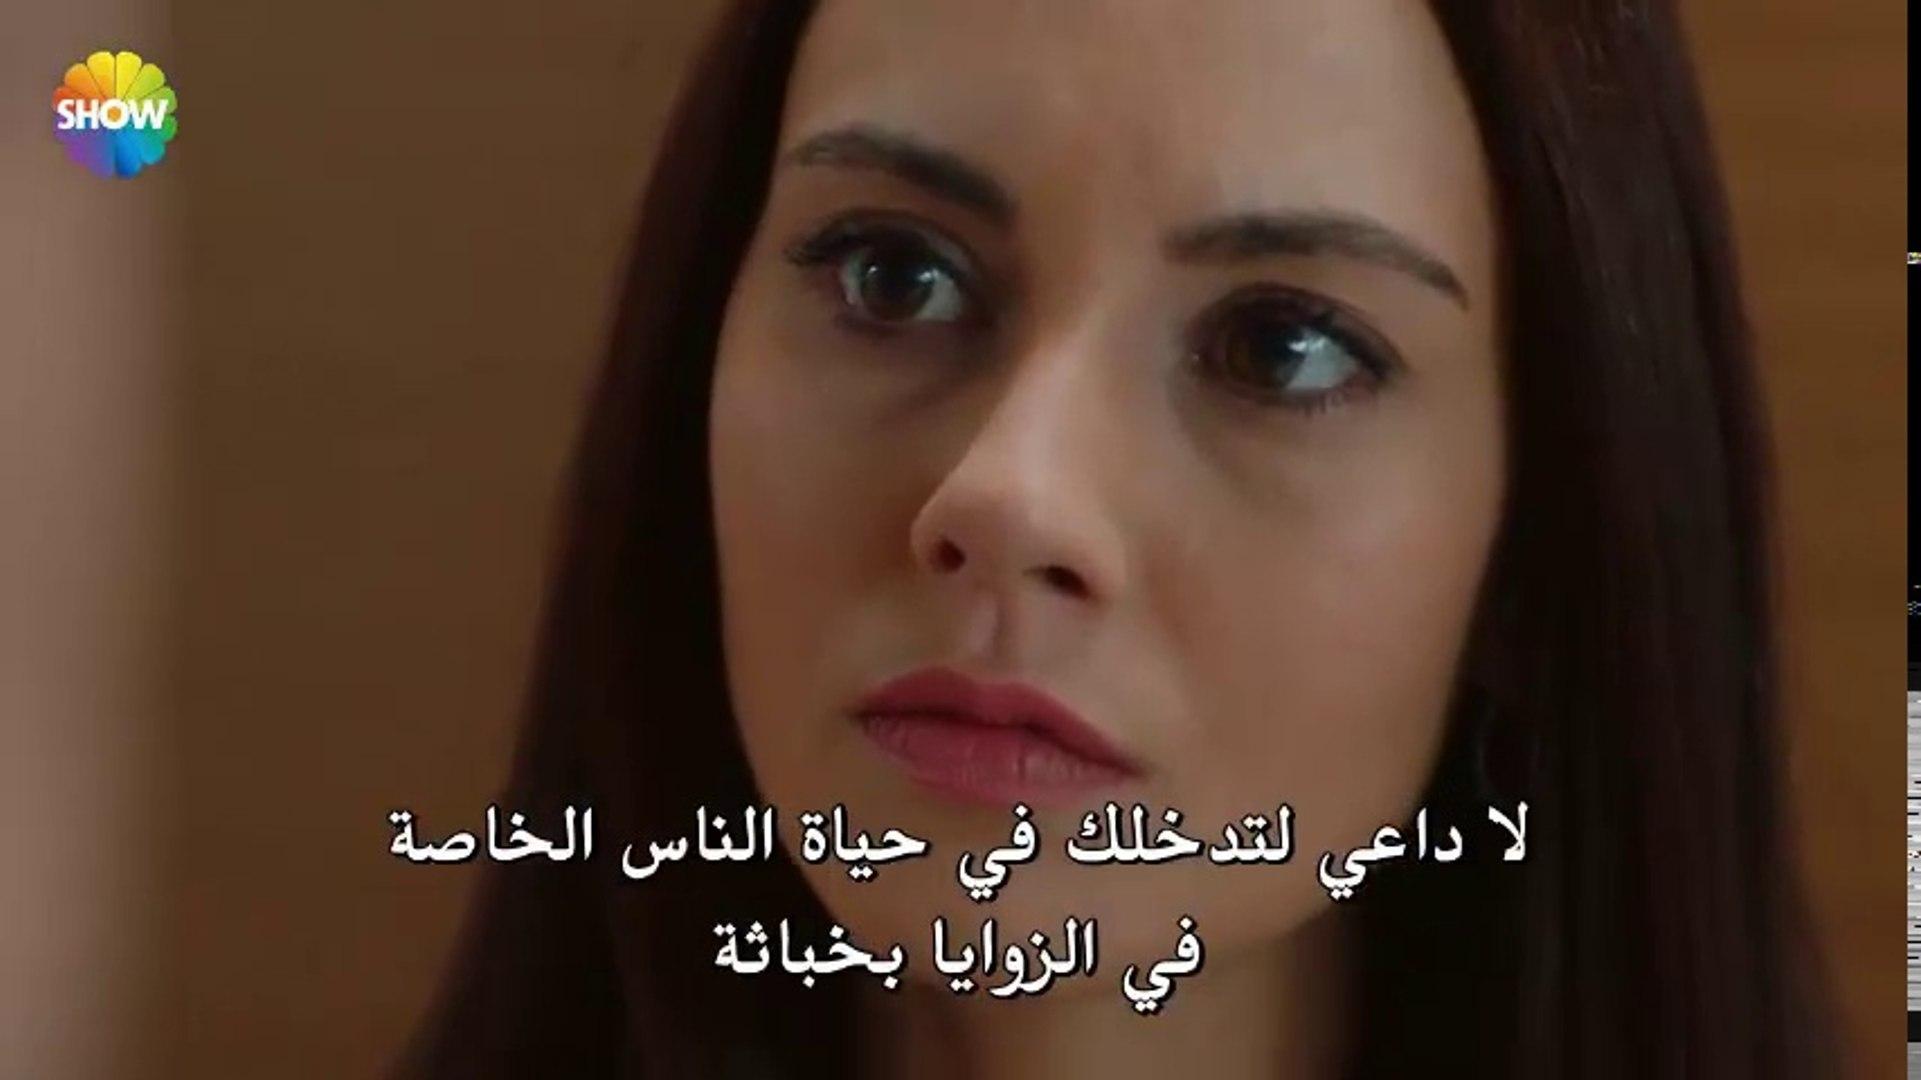 مسلسل نبضات قلب الحلقة 32 كاملة مترجمة للعربية